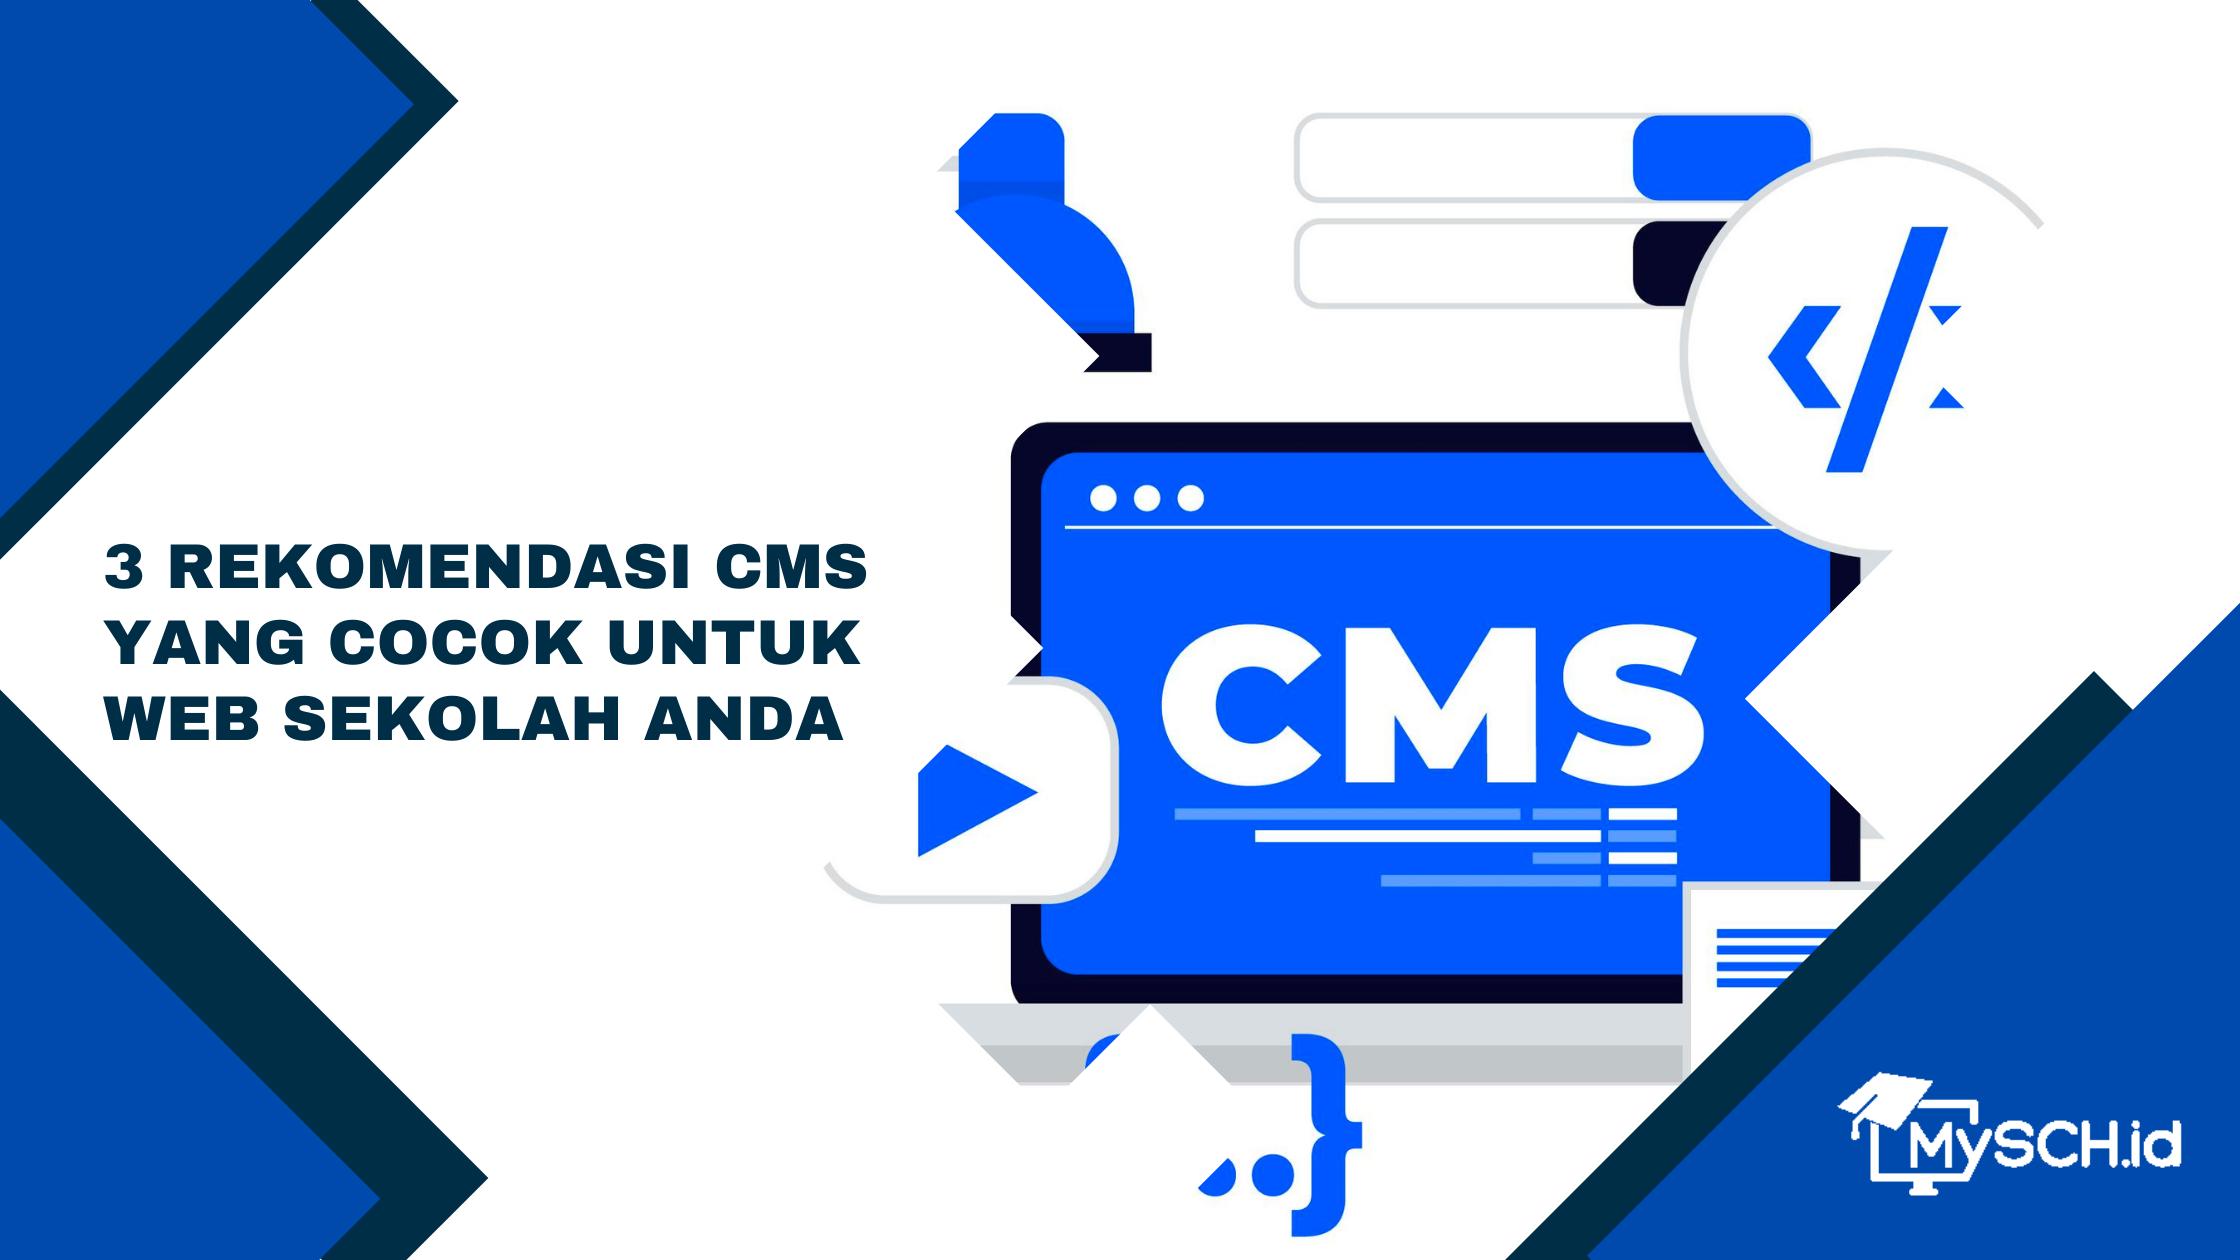 3 Rekomendasi CMS Yang Cocok Untuk Web Sekolah Anda